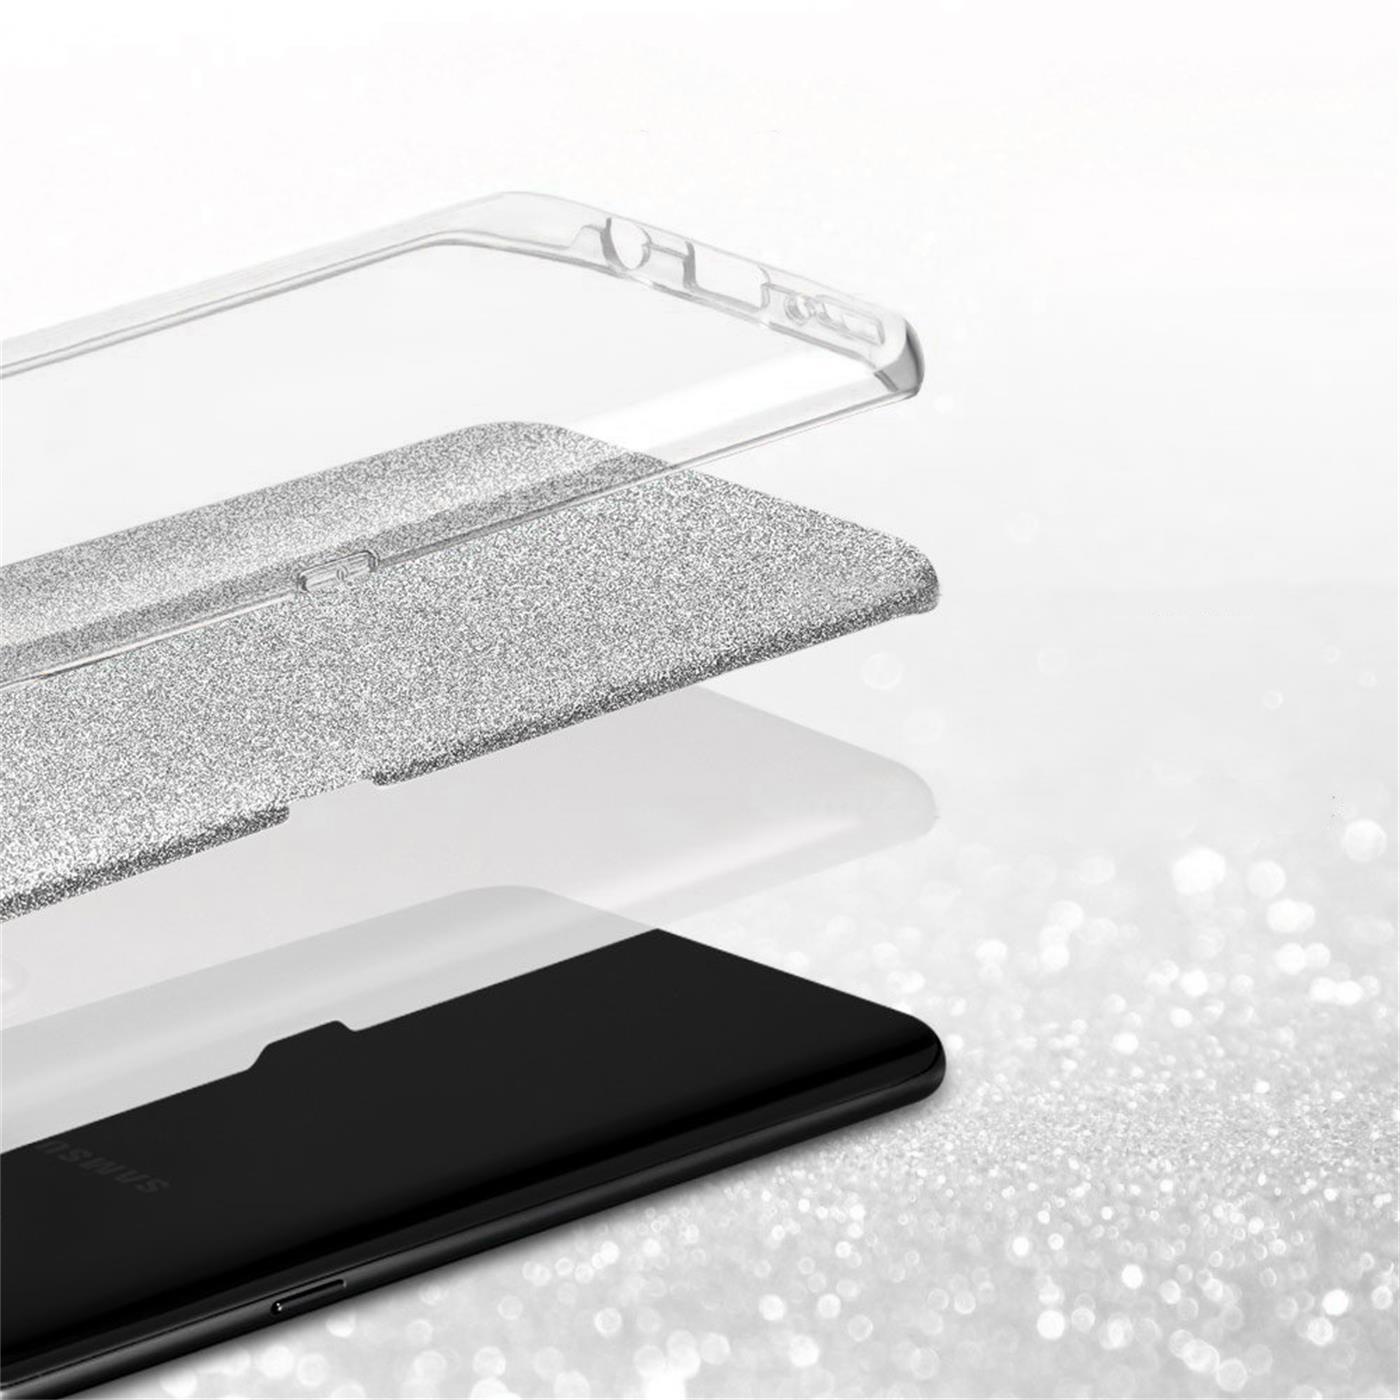 Handy-Glitzer-Huelle-fuer-Samsung-Galaxy-Slim-TPU-Cover-Case-Silikon-Schutz-Tasche Indexbild 22